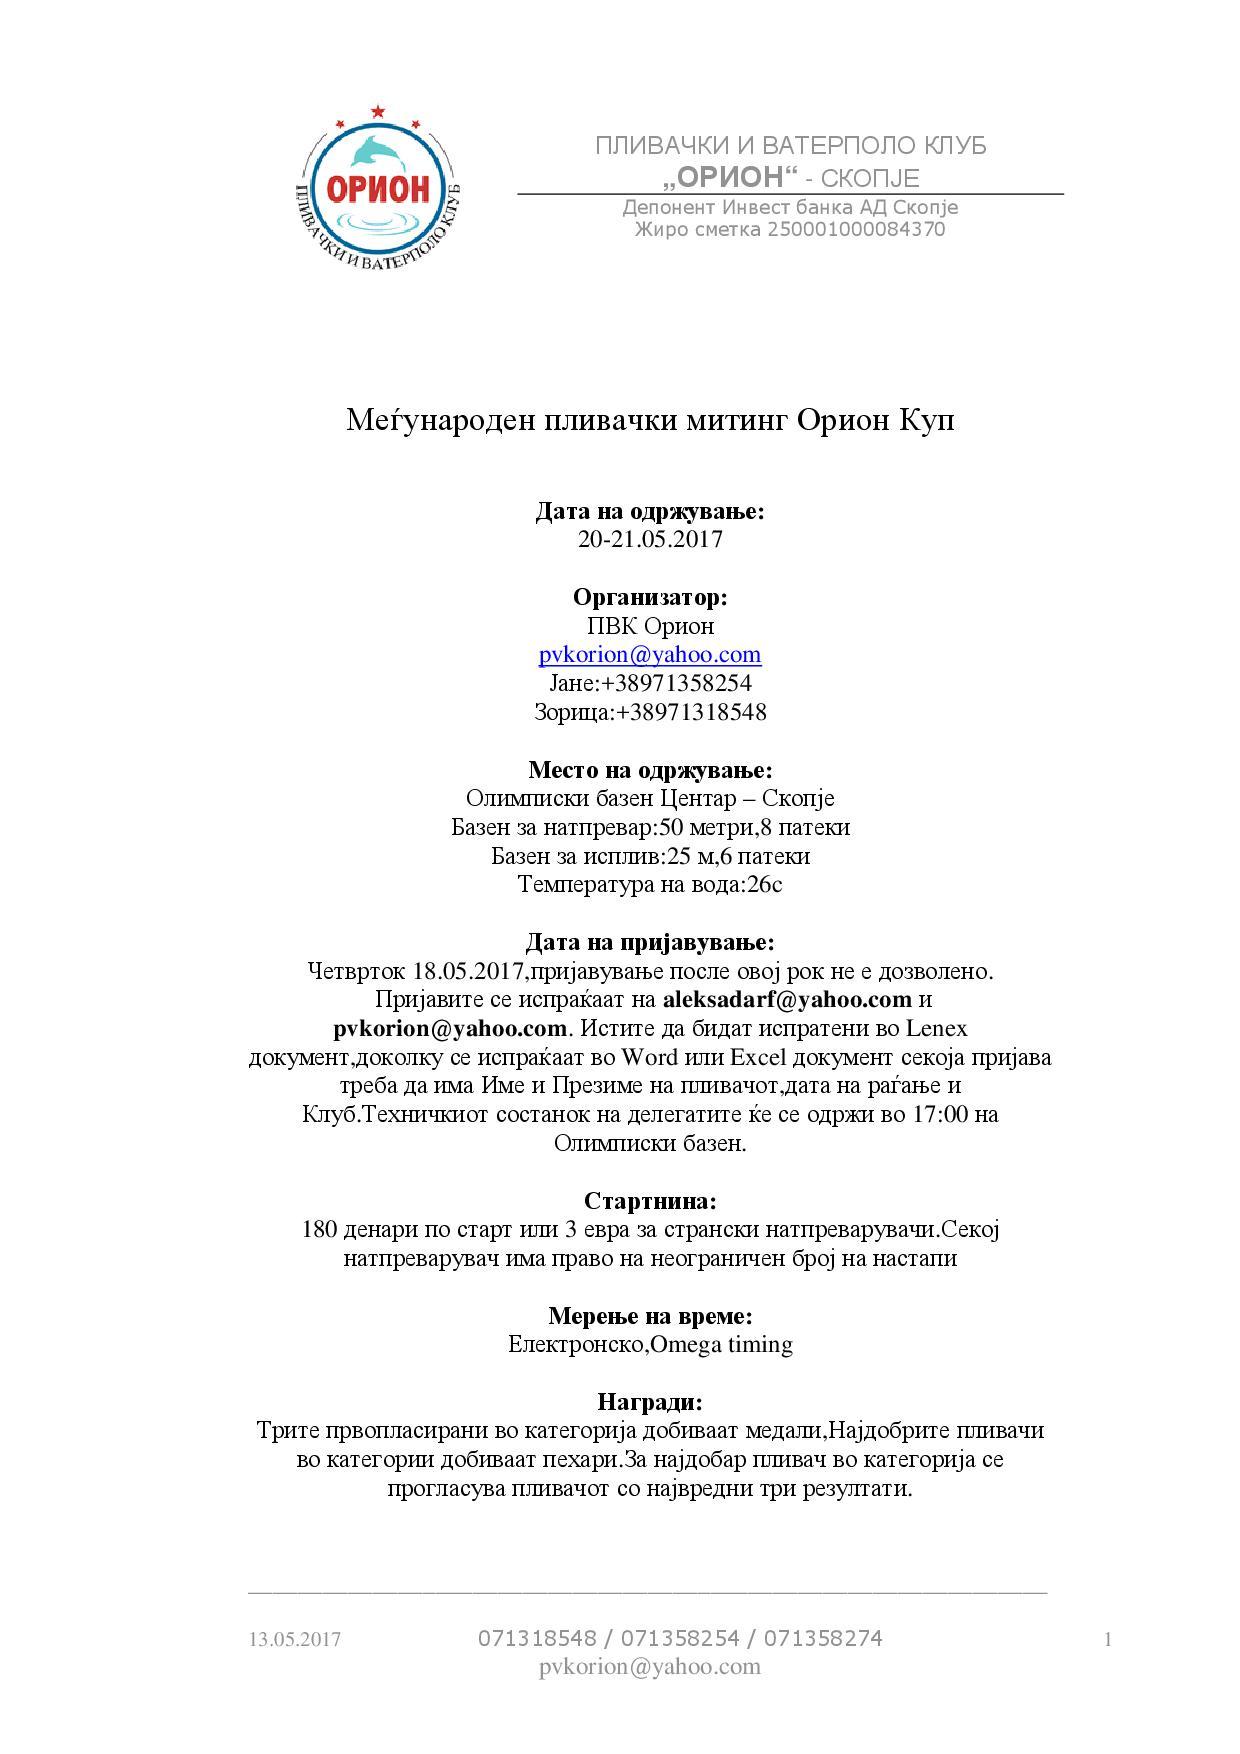 Originalne propozicije organizatora, strana 1